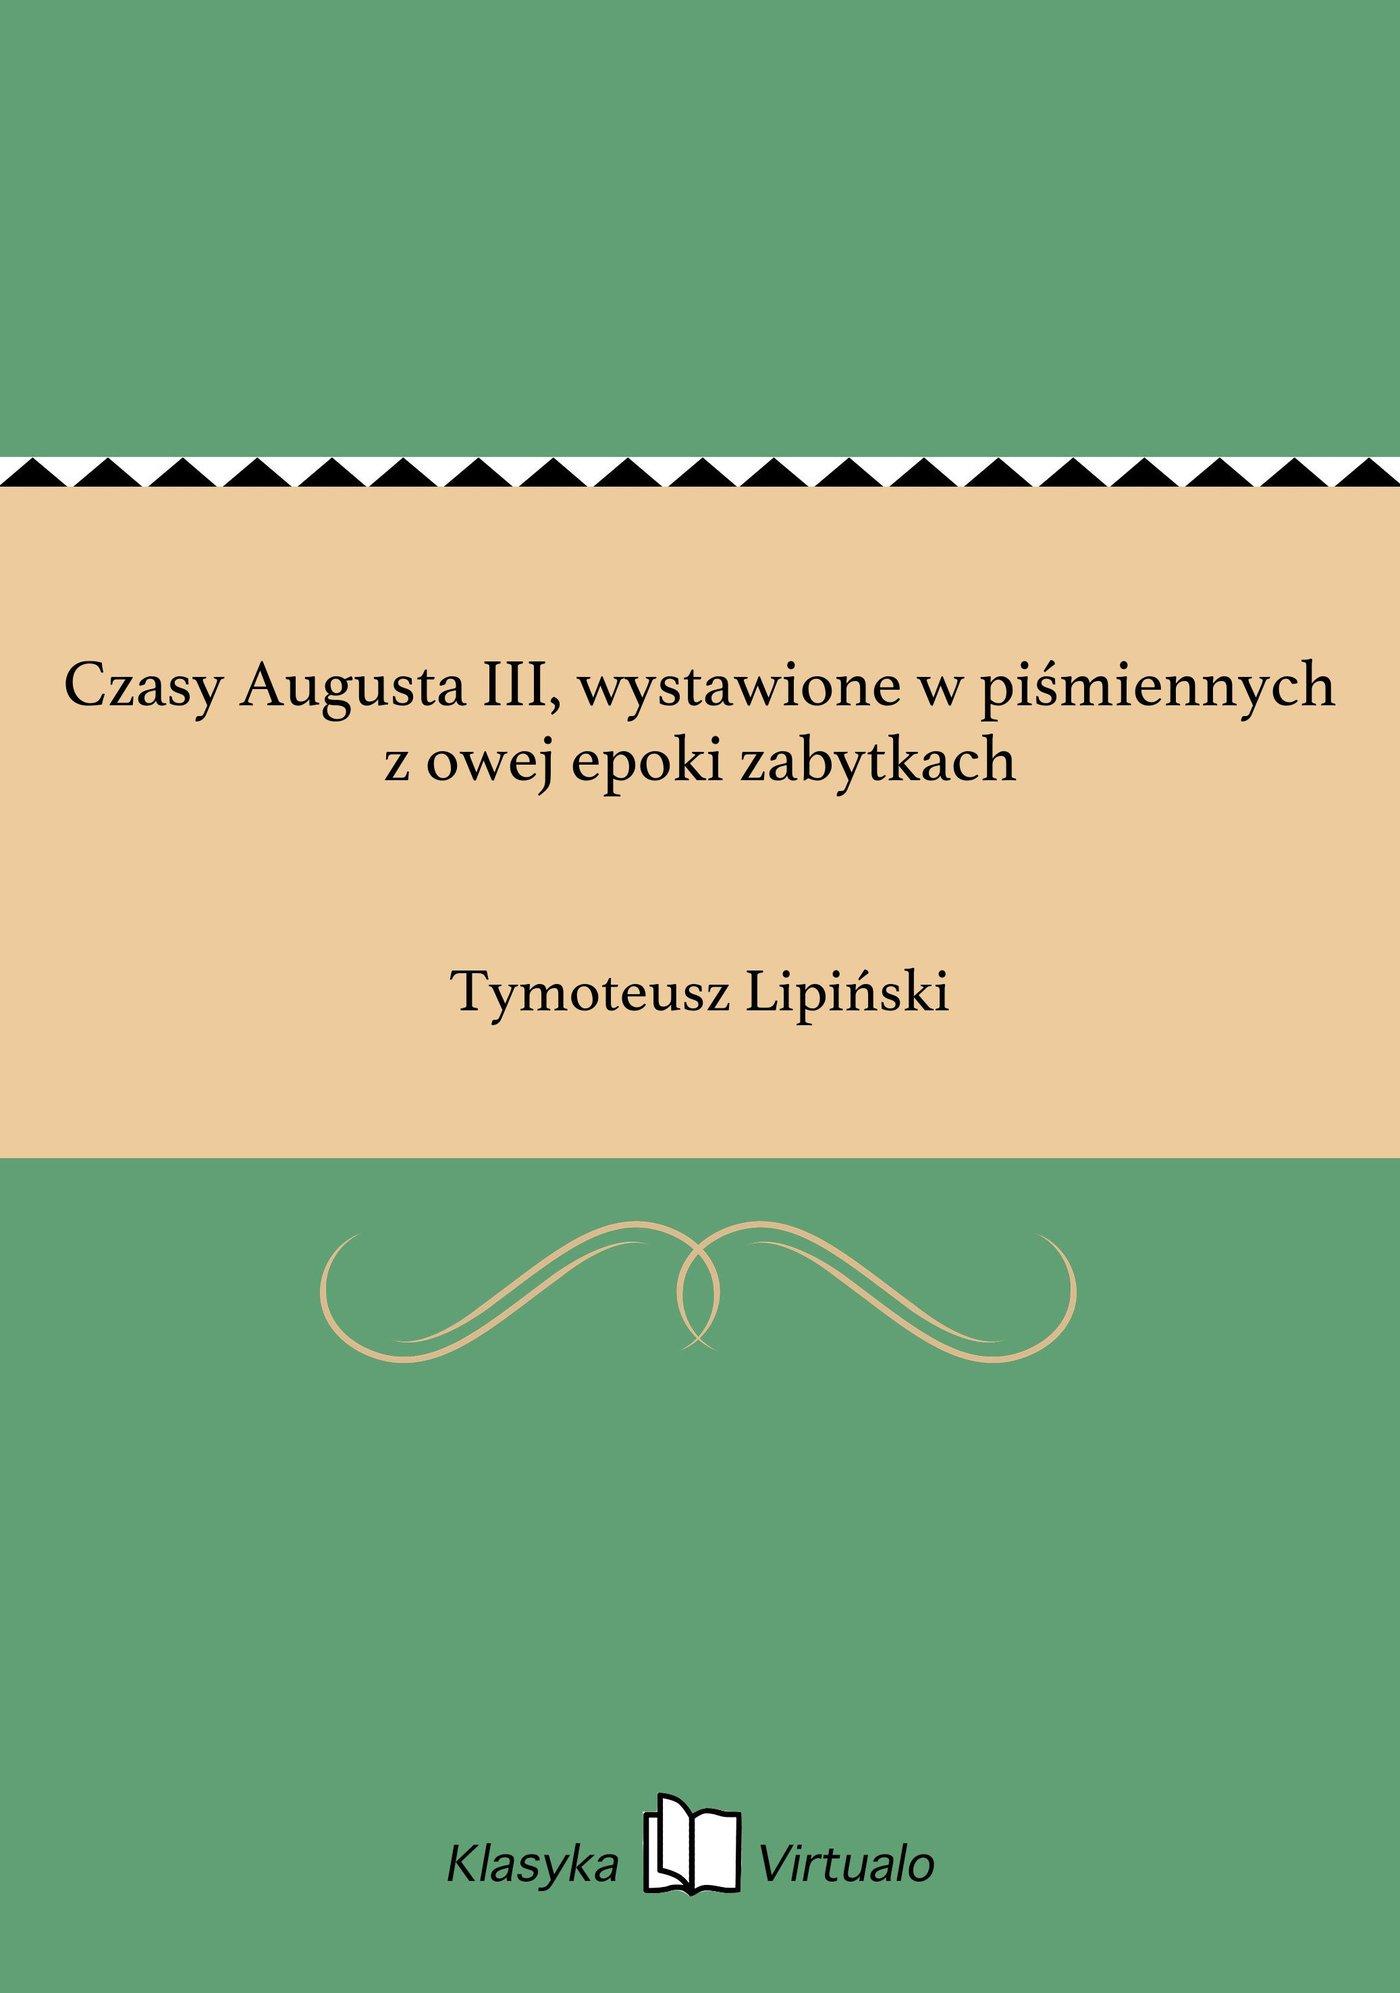 Czasy Augusta III, wystawione w piśmiennych z owej epoki zabytkach - Ebook (Książka EPUB) do pobrania w formacie EPUB